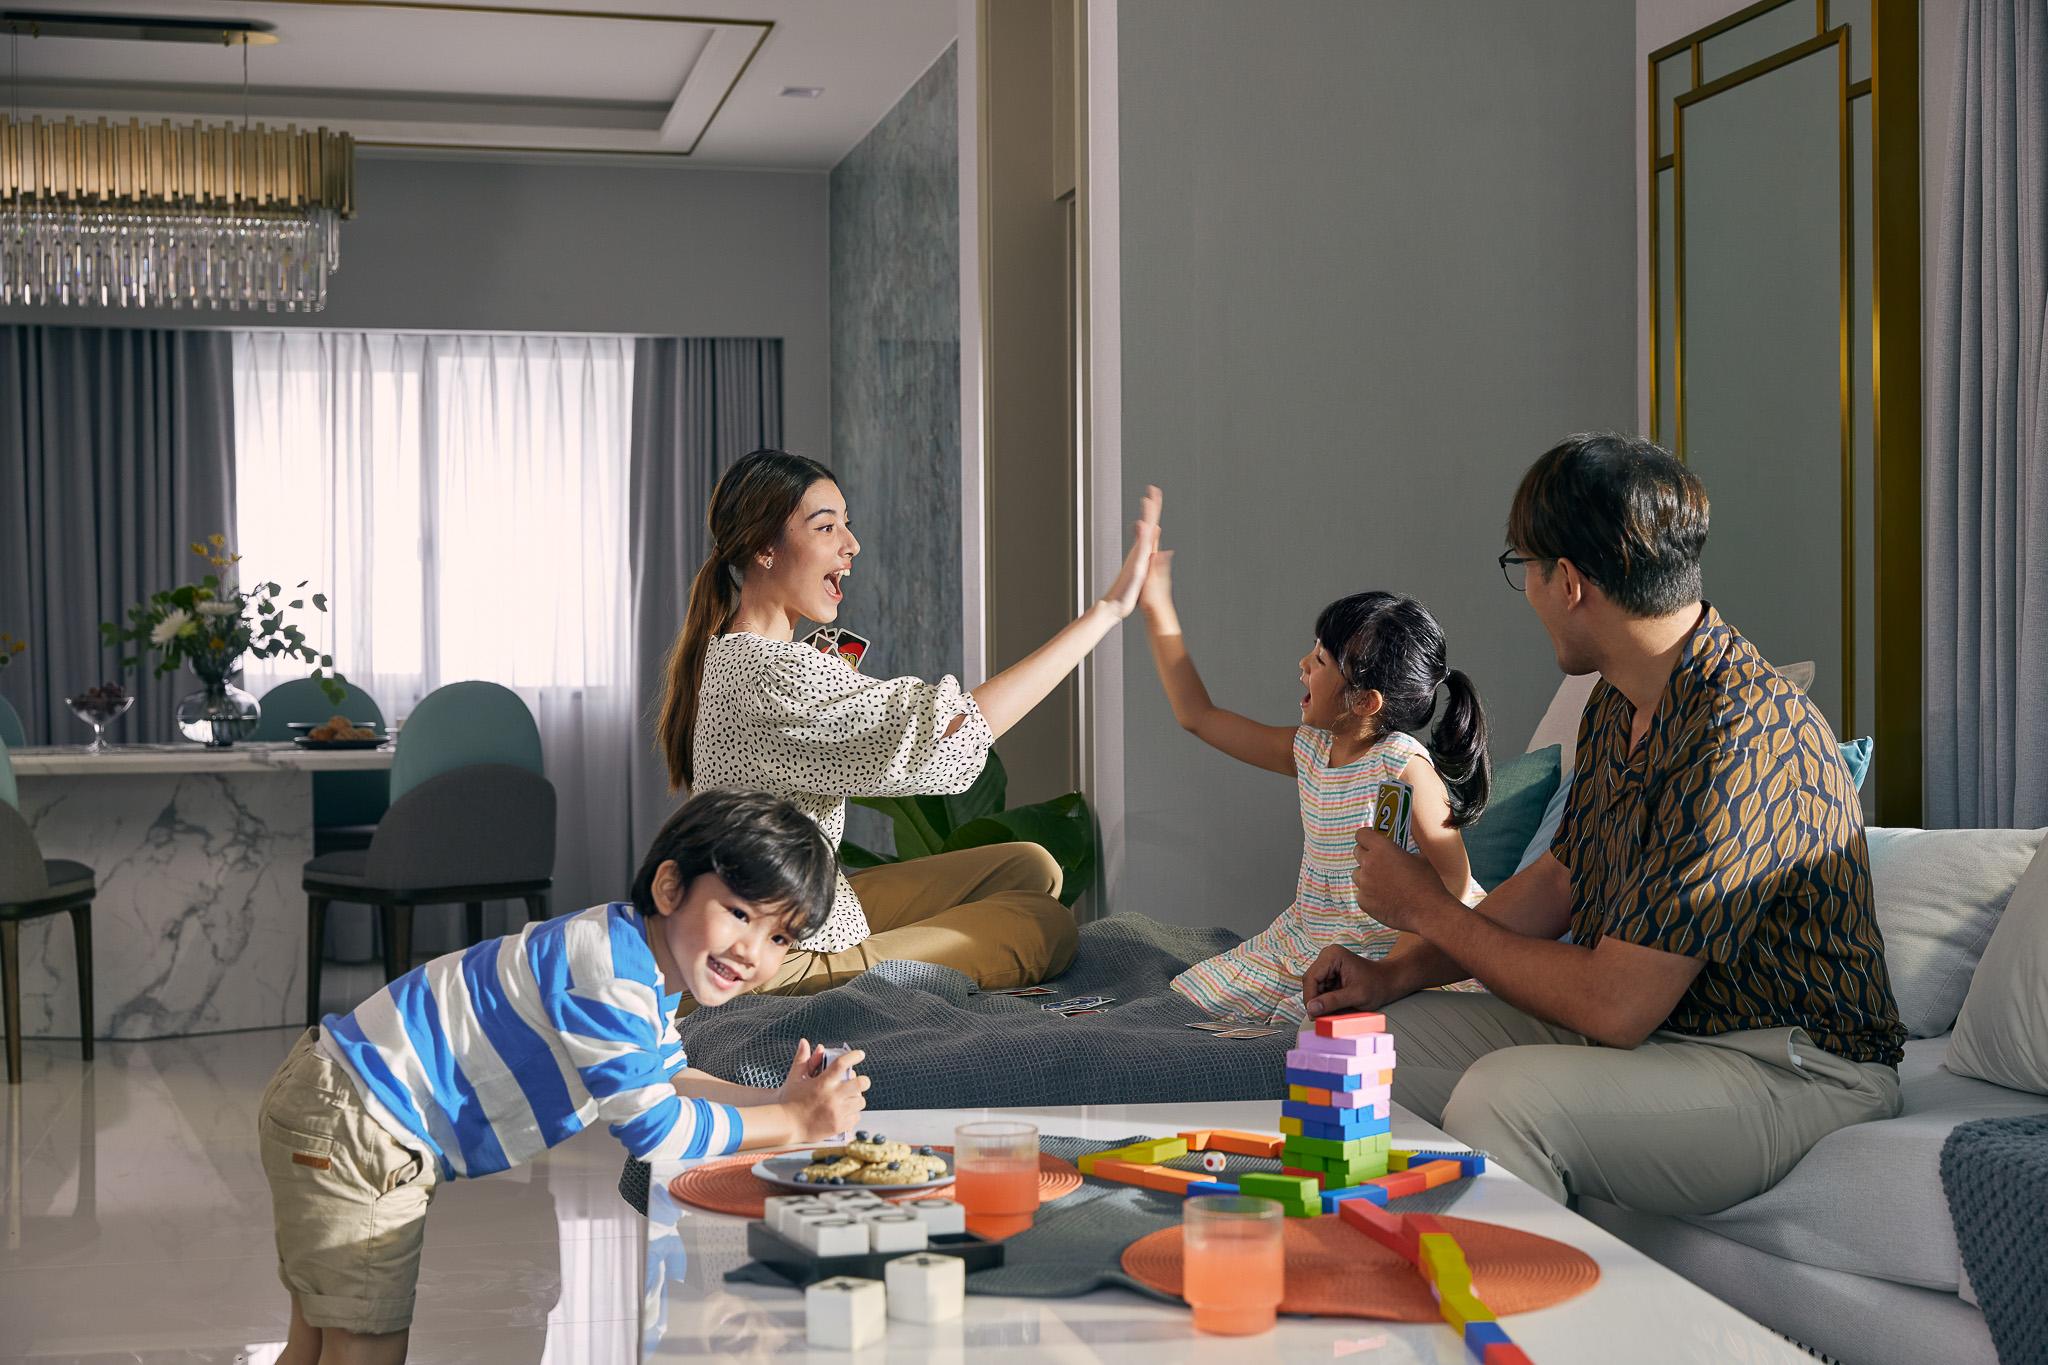 เตรียมพบกับ Centro ราชพฤกษ์-345 บ้านเดี่ยวแนวคิดใหม่ 'บนพื้นที่ใช้สอยขนาดใหญ่ 274 ตร.ม. 16 - AP (Thailand) - เอพี (ไทยแลนด์)